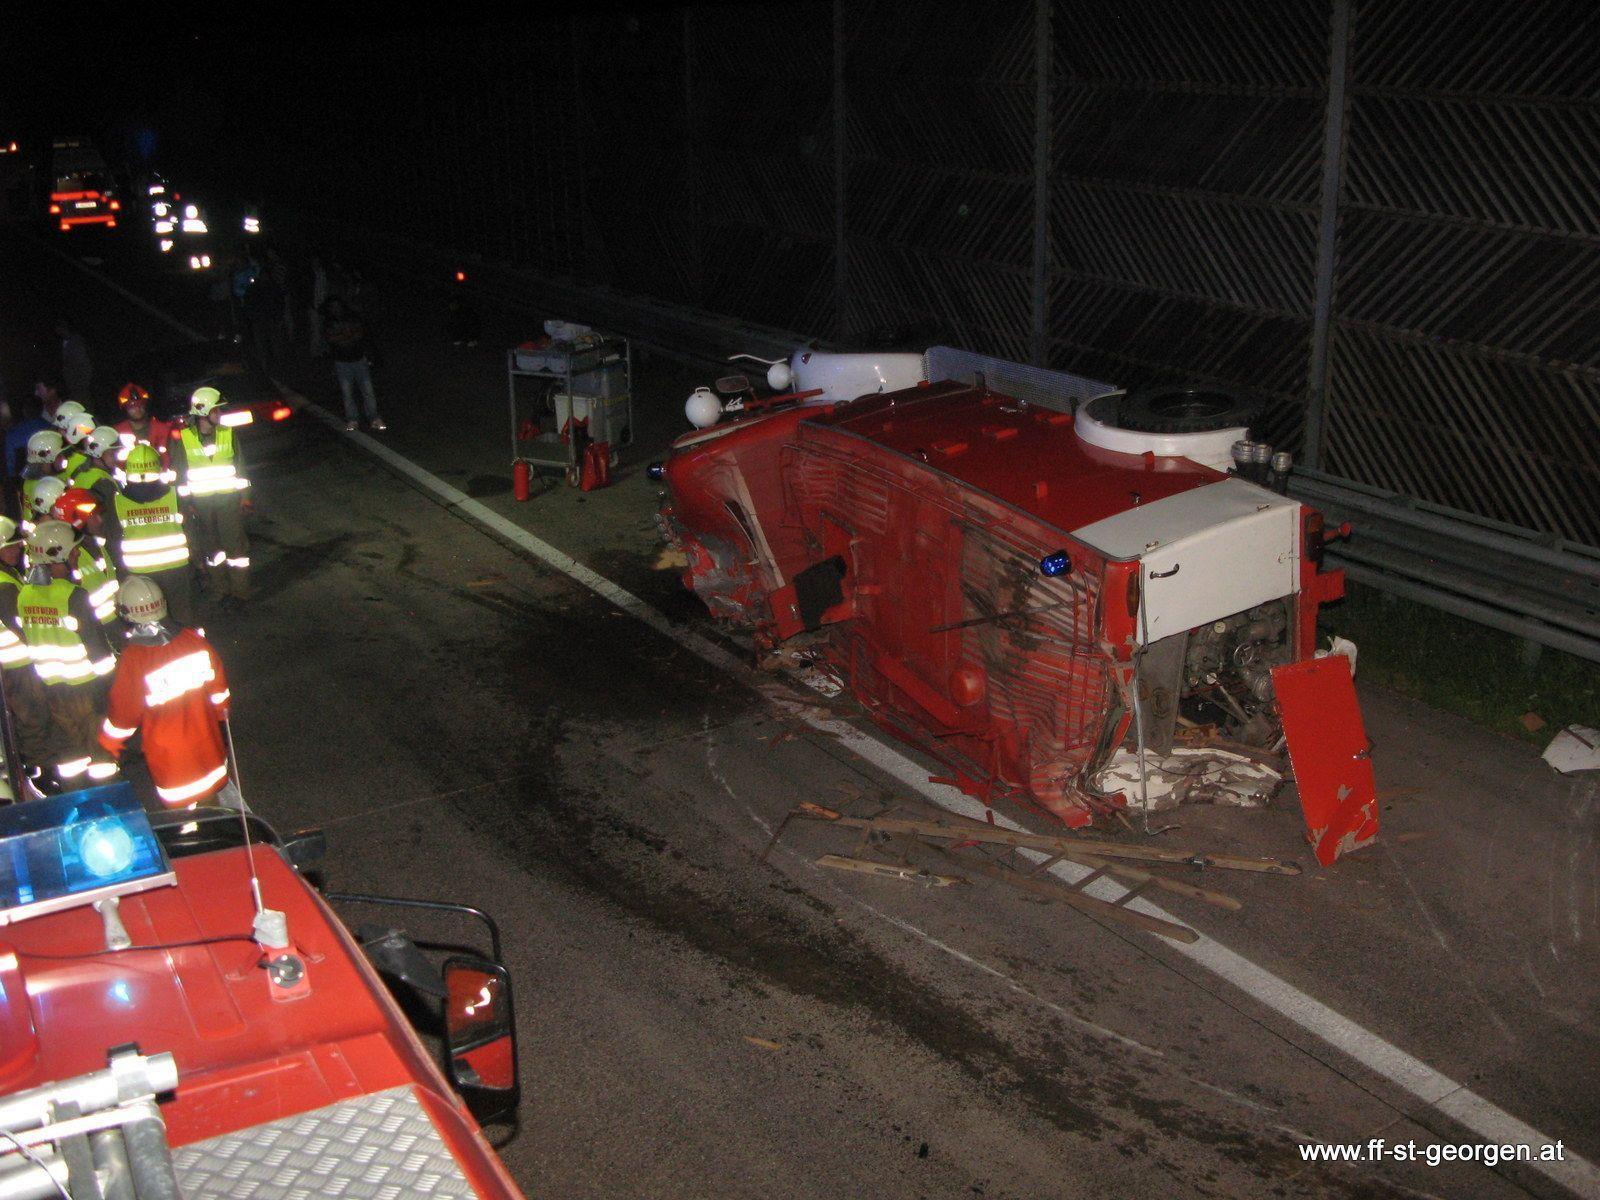 Bei dem Unfall wurde der Lenker des Feuerwehr-Oldtimers leicht verletzt. Alle anderen Beteiligten blieben unverletzt.